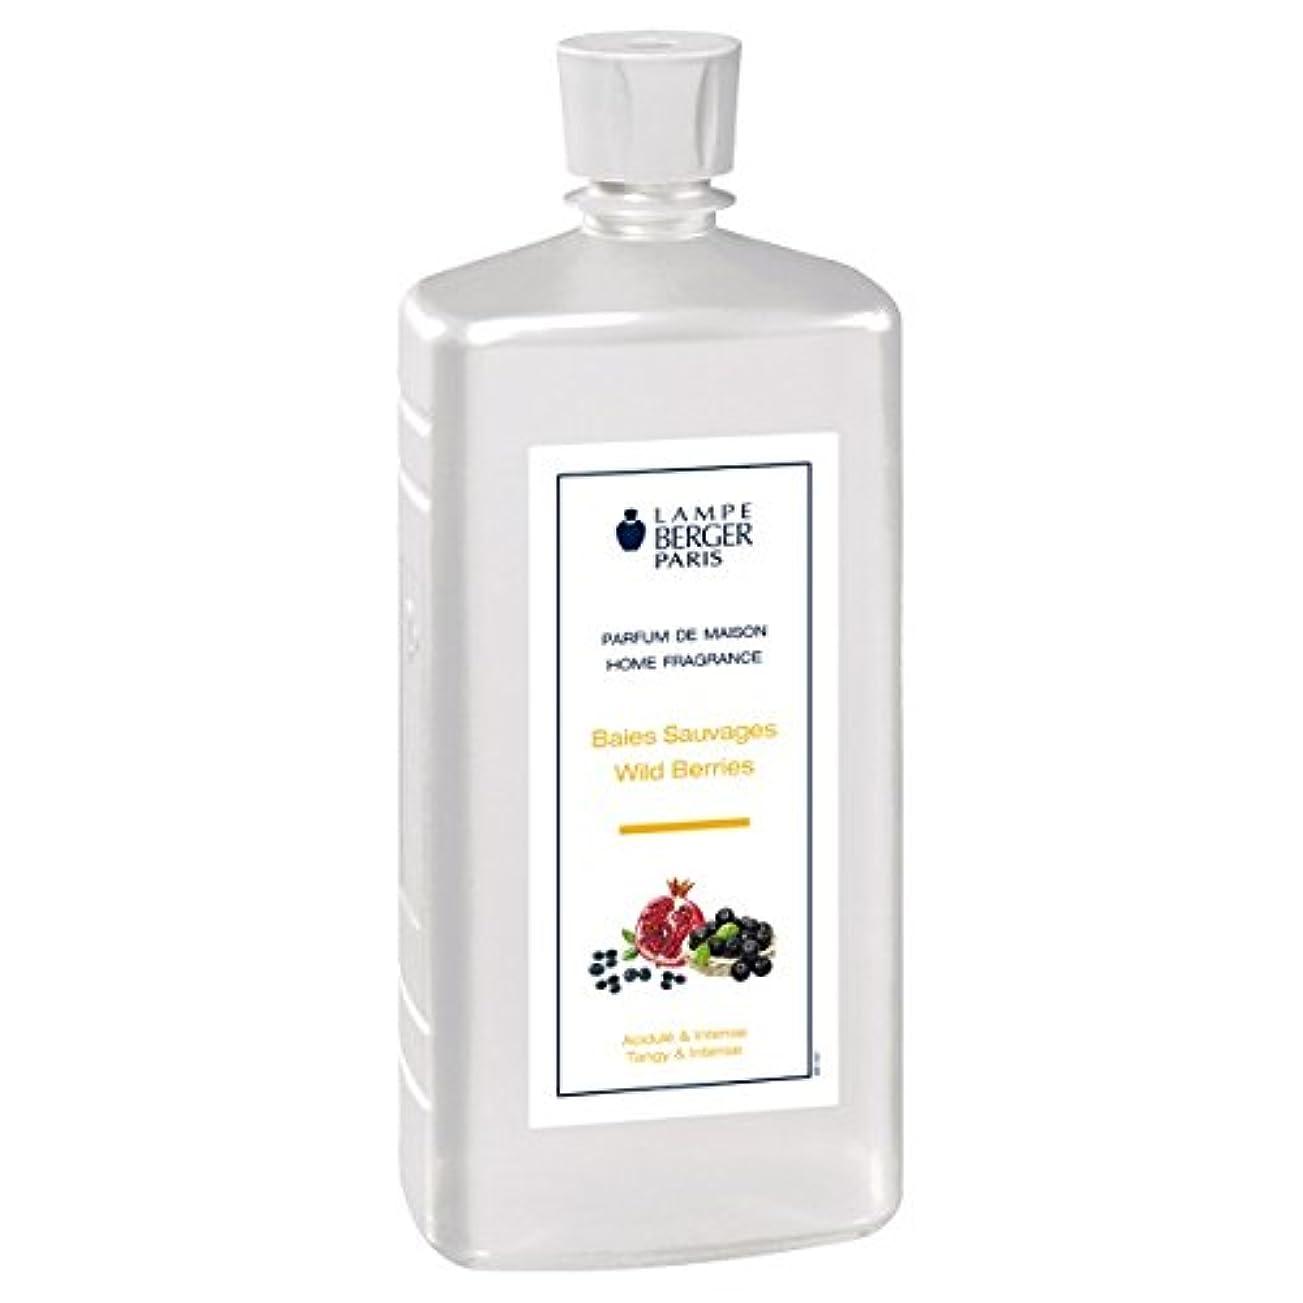 意外フォーマルいらいらさせるランプベルジェパリ直輸入パフュームアロマオイル1Lワイルドベリーズの香り(甘いリキュールの香りがアクセントでラストのレッドドラゴンフルーツやムスクなどの優しいハーモニーの香り